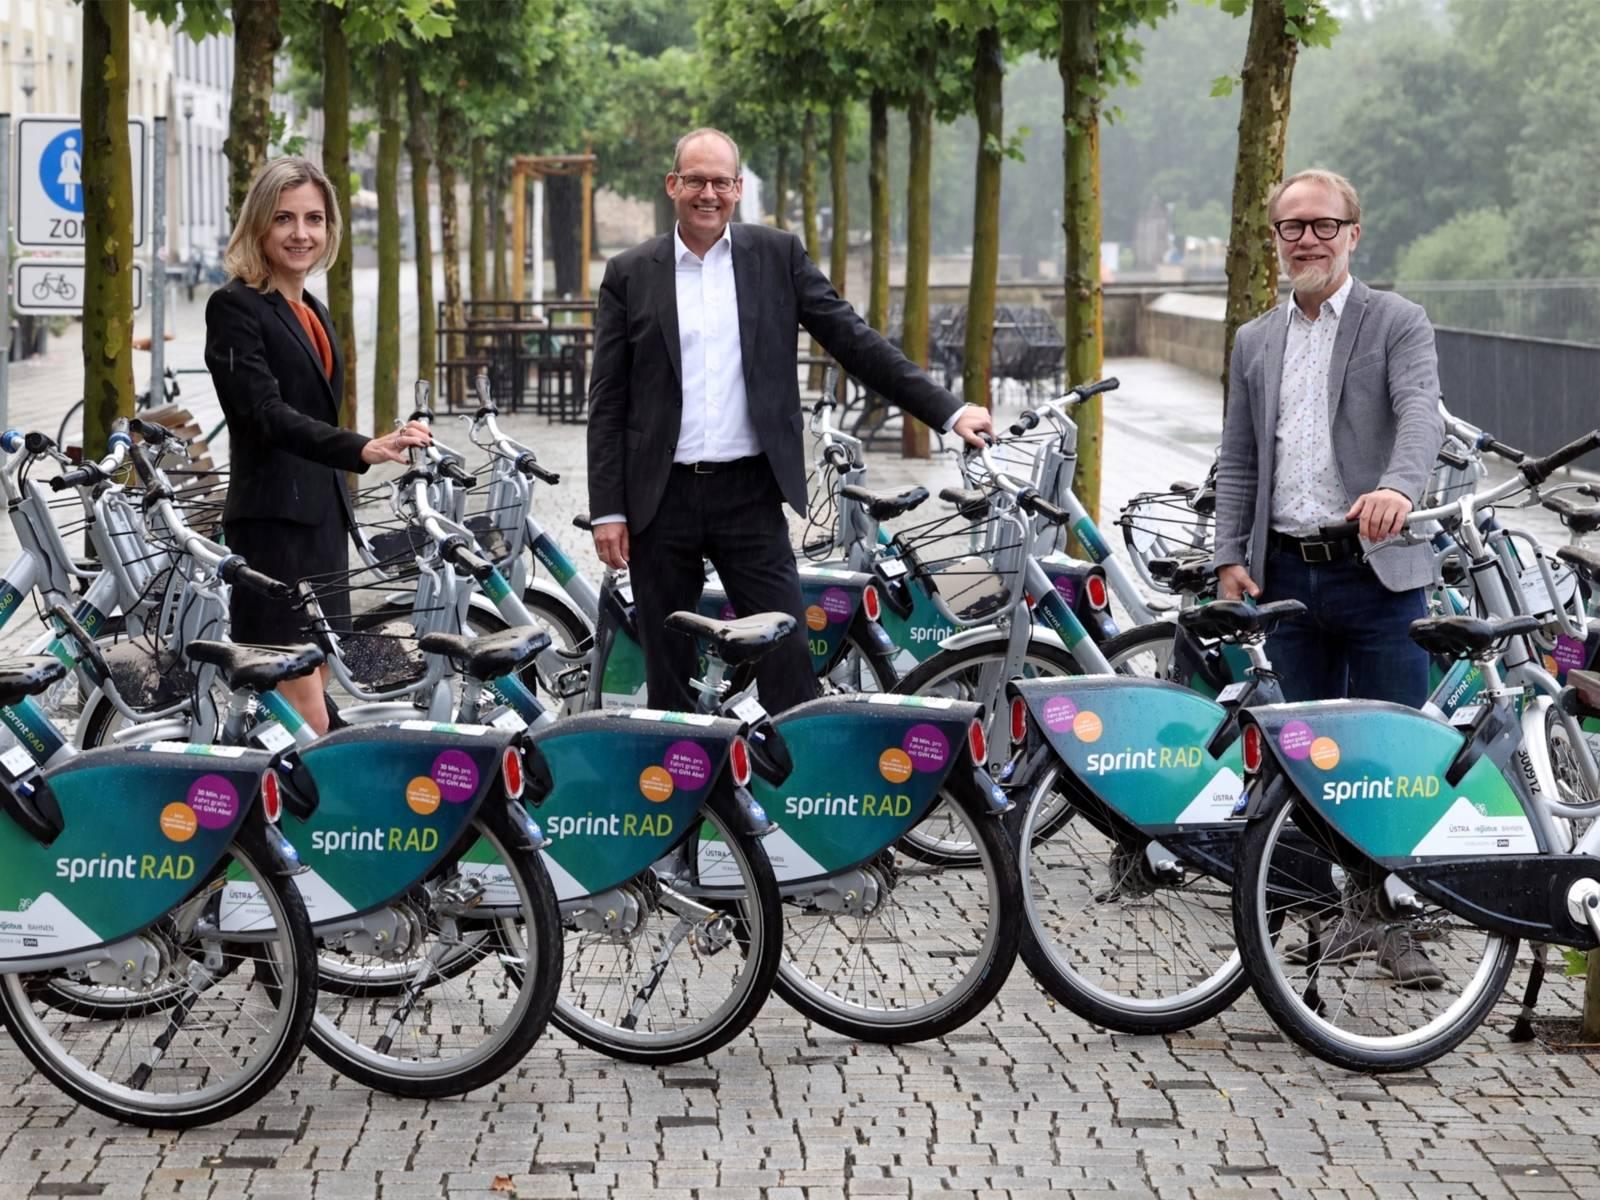 Zwei Männer und eine Frau präsentieren die neuen Mietfahrräder namens sprintRAD